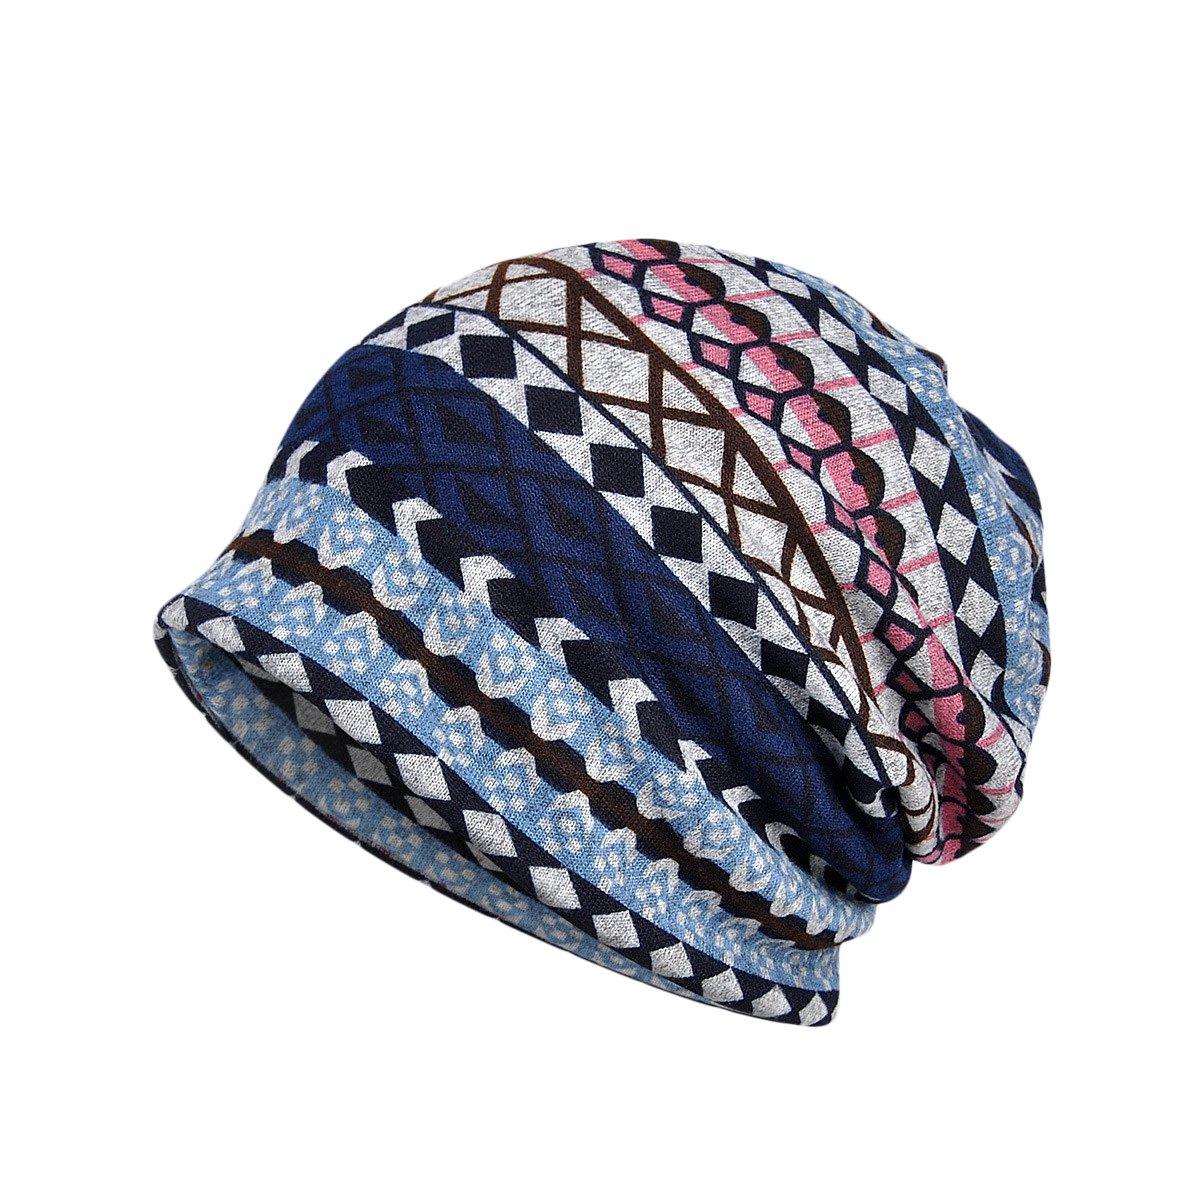 TININNA Multifunzione Unisex Invernali Caldo Plaid Sciarpa Scaldacollo Copricapo Lavorato a maglia Berretto da Sci Beanie Hat(Blu)